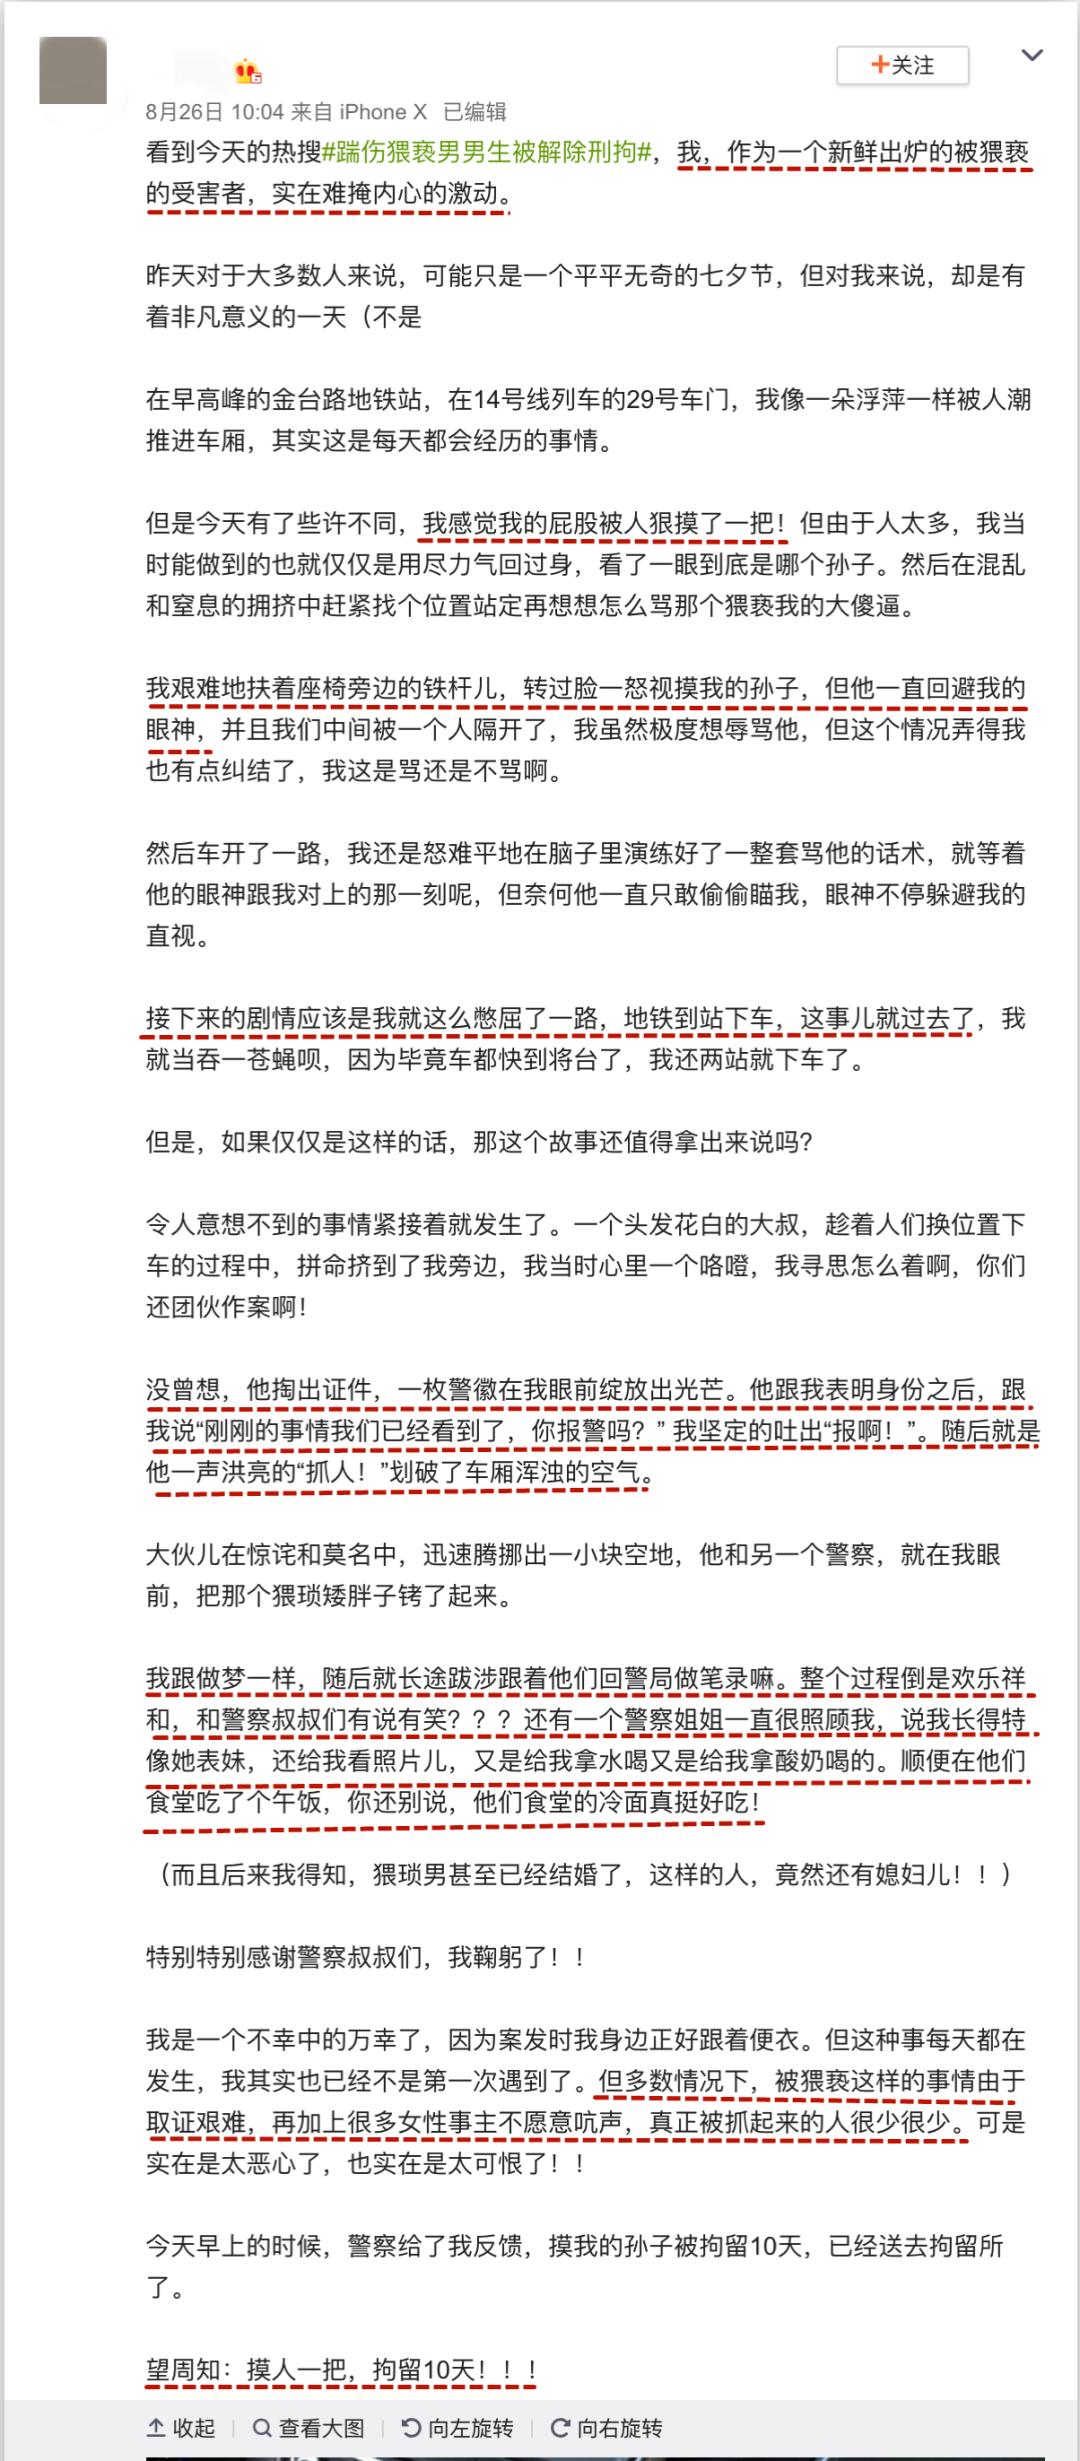 """【深圳网络推广方案】_女子地铁遭猥亵便衣民警当场""""抓狼"""":行拘10天"""